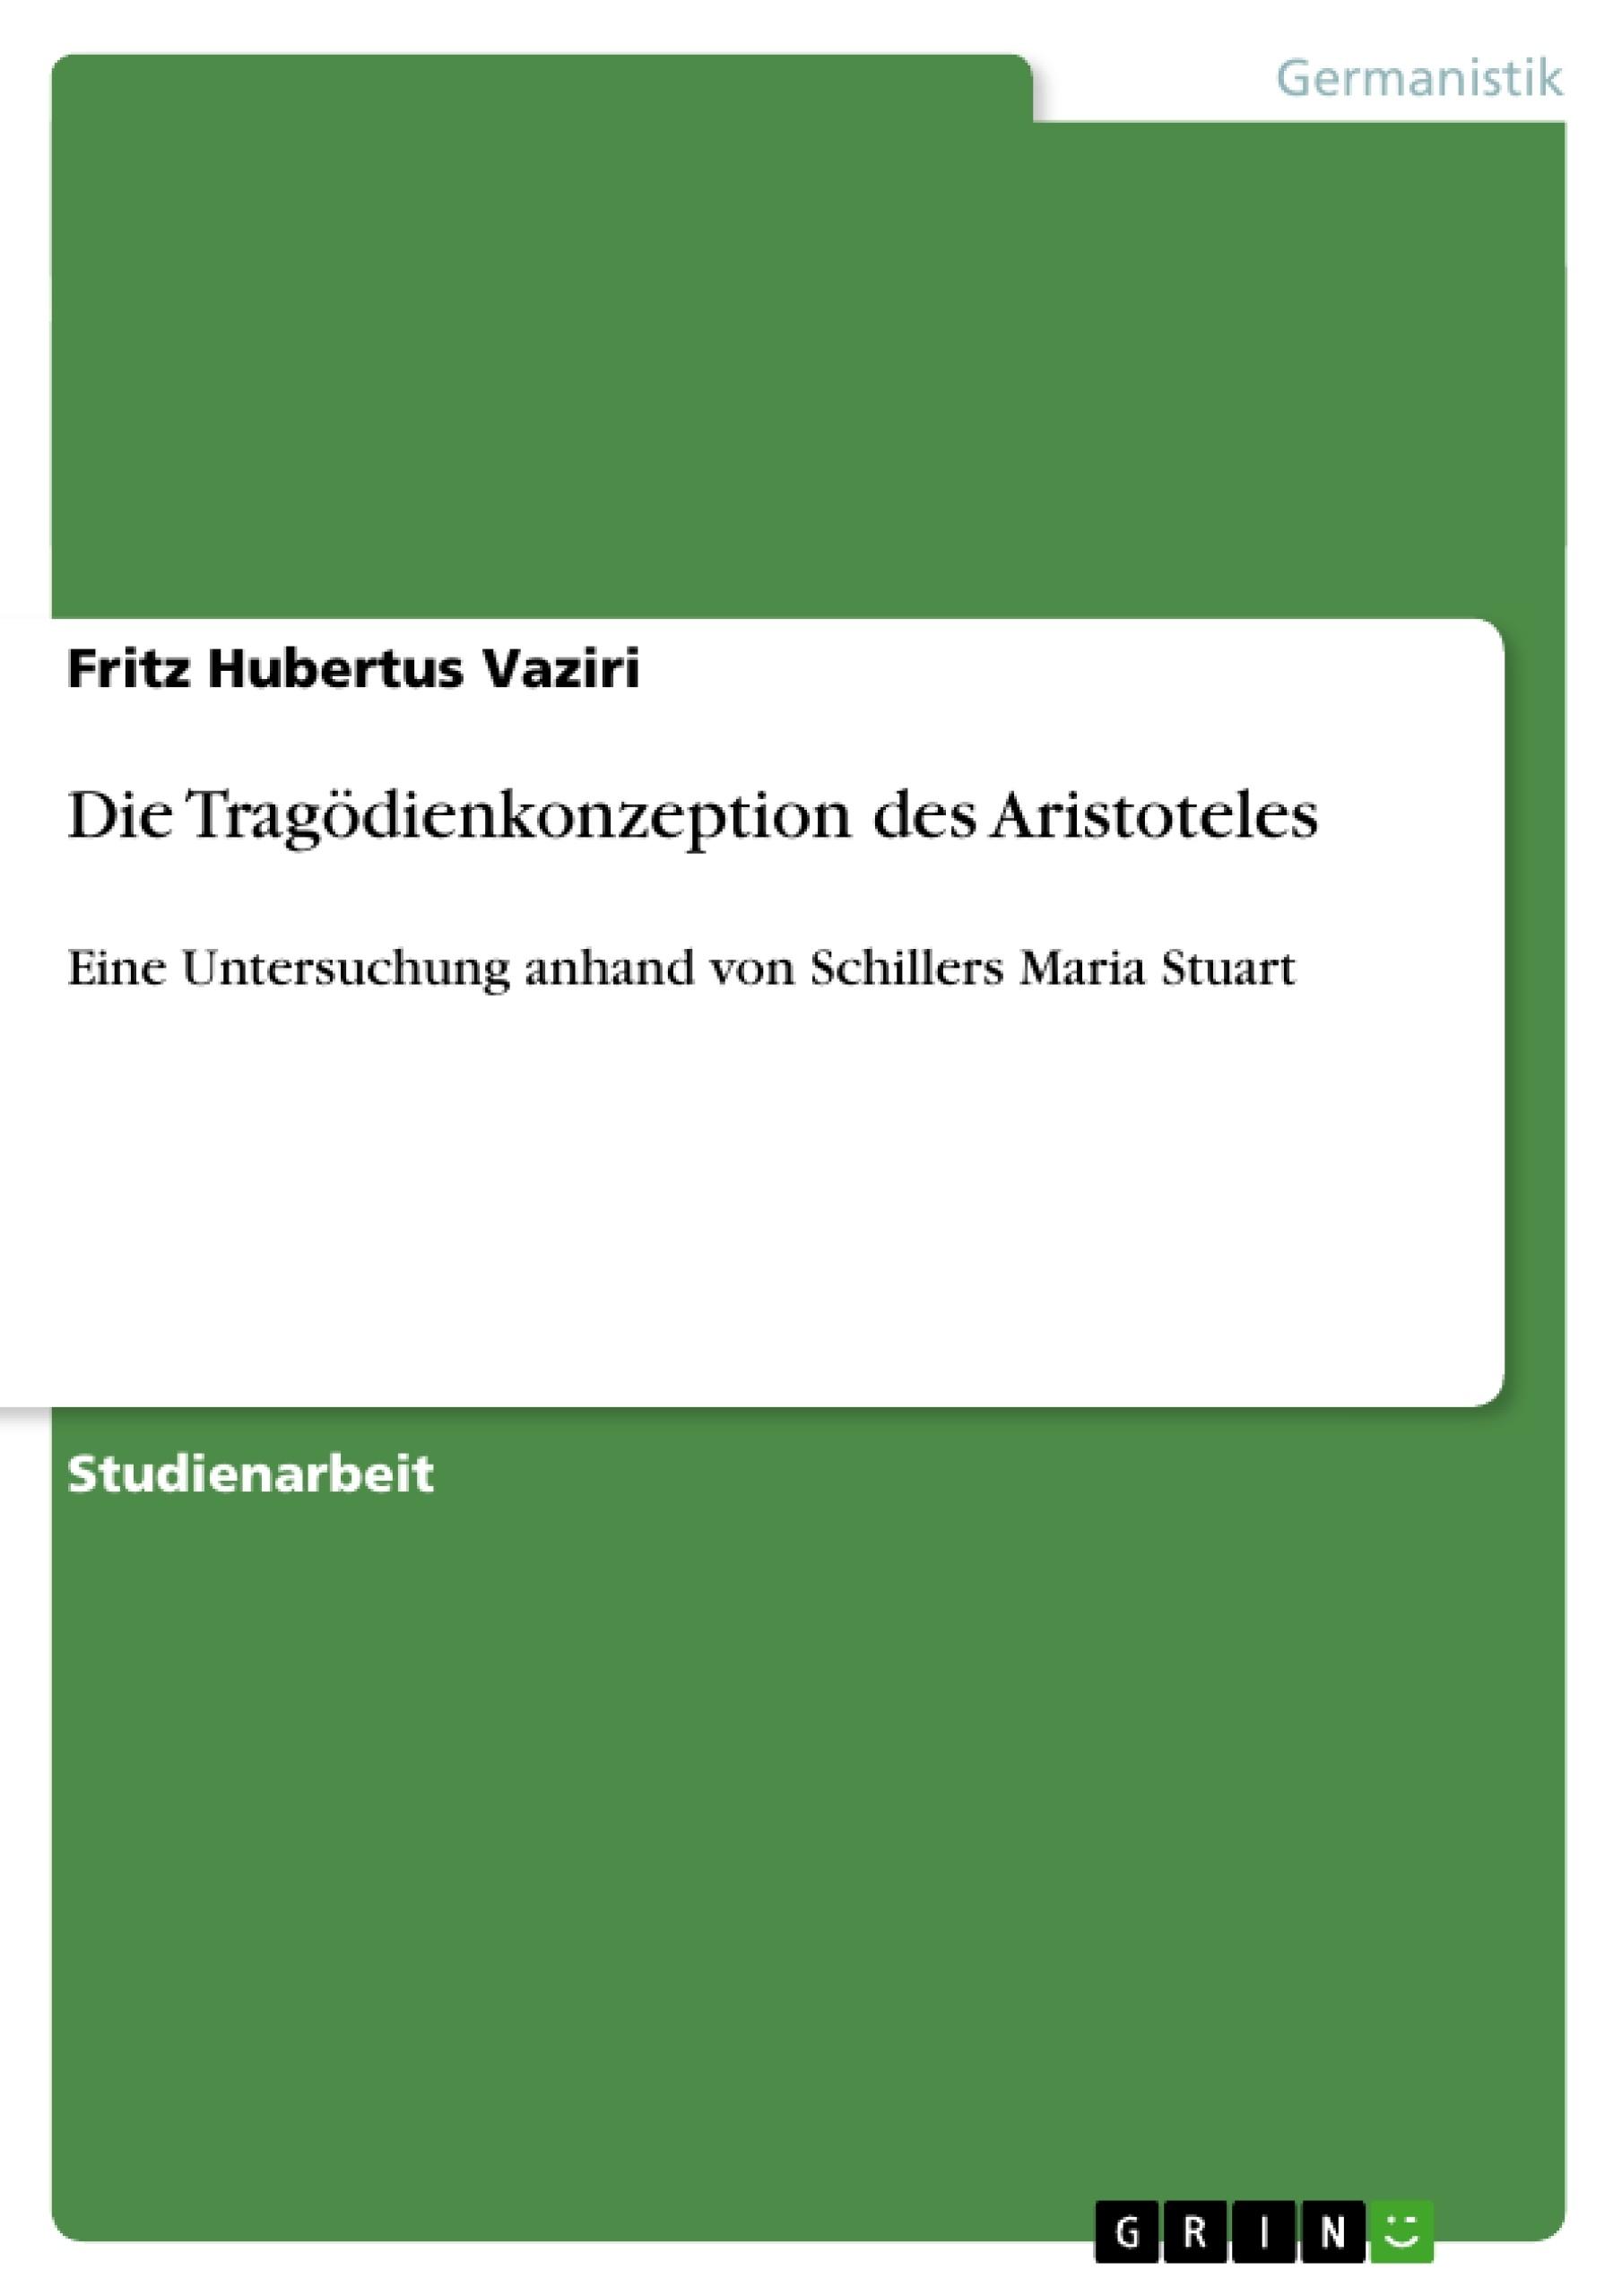 Titel: Die Tragödienkonzeption des Aristoteles